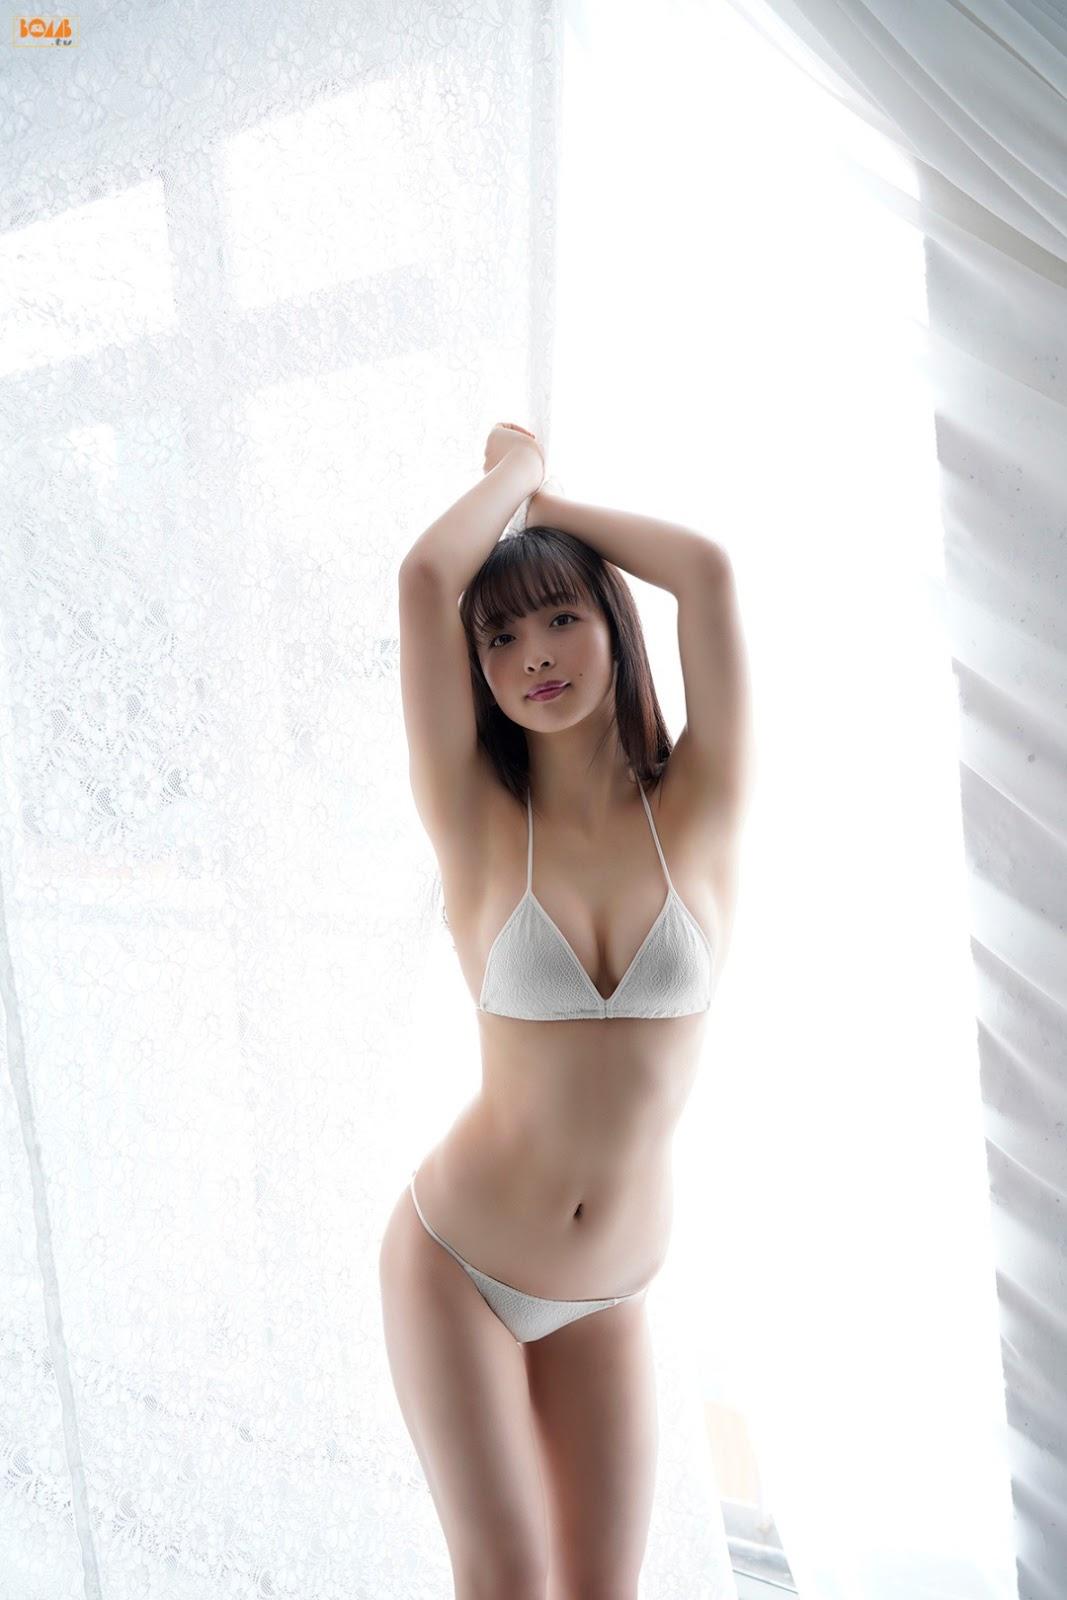 Hanamura 01015